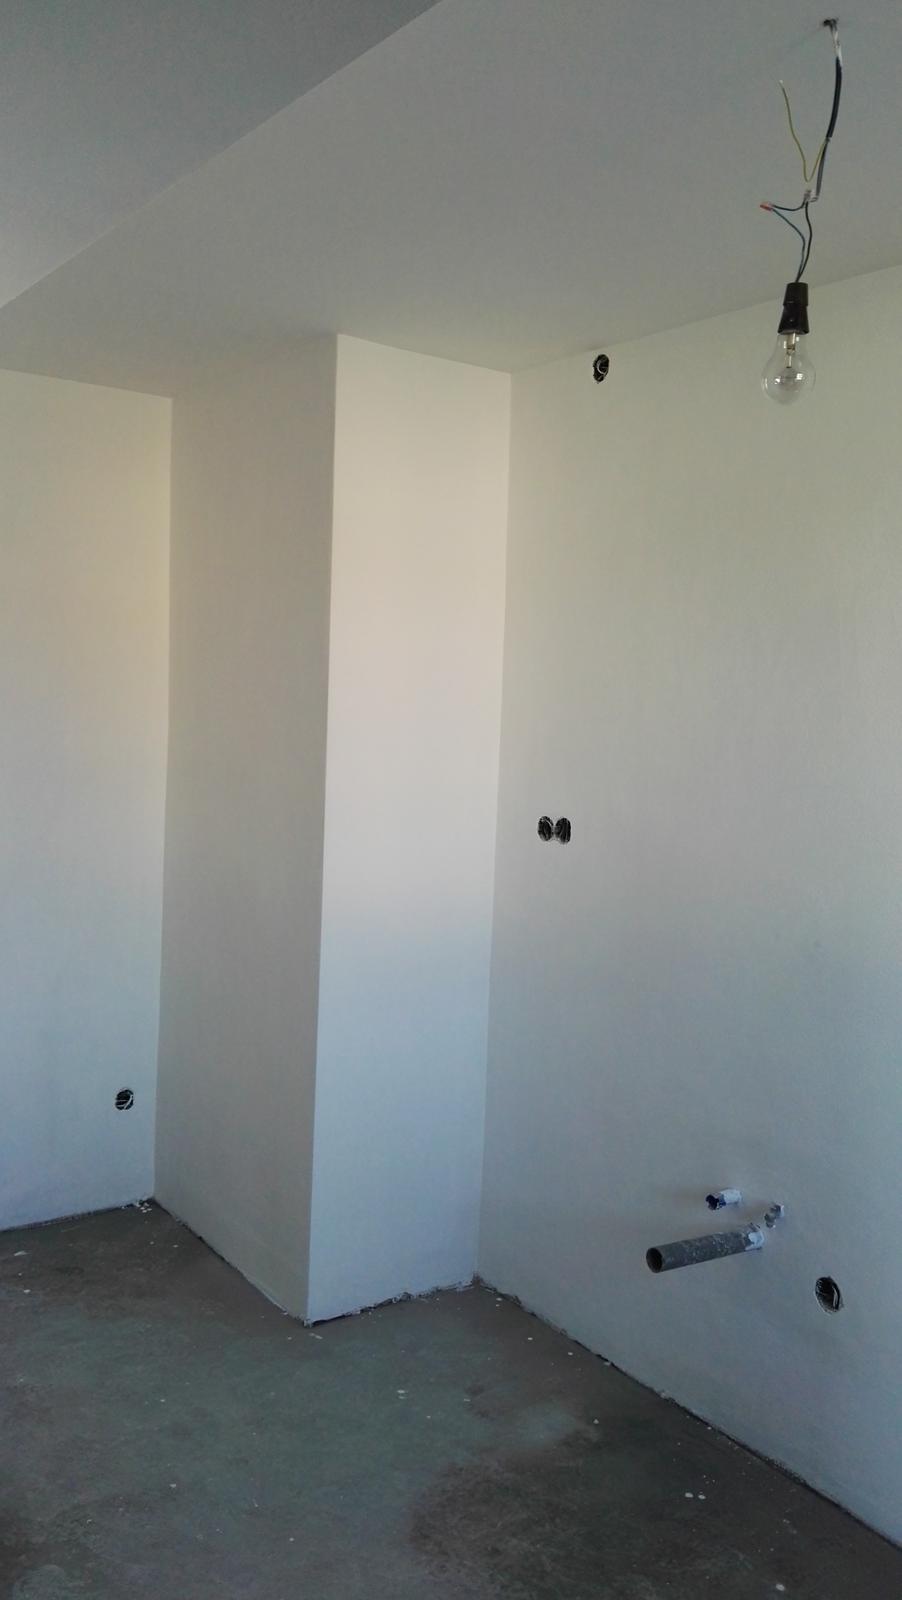 Projekt: Nové bývanie ... - ... v kuchyni ešte podlahu a môžem skladať lego z Ikey ...